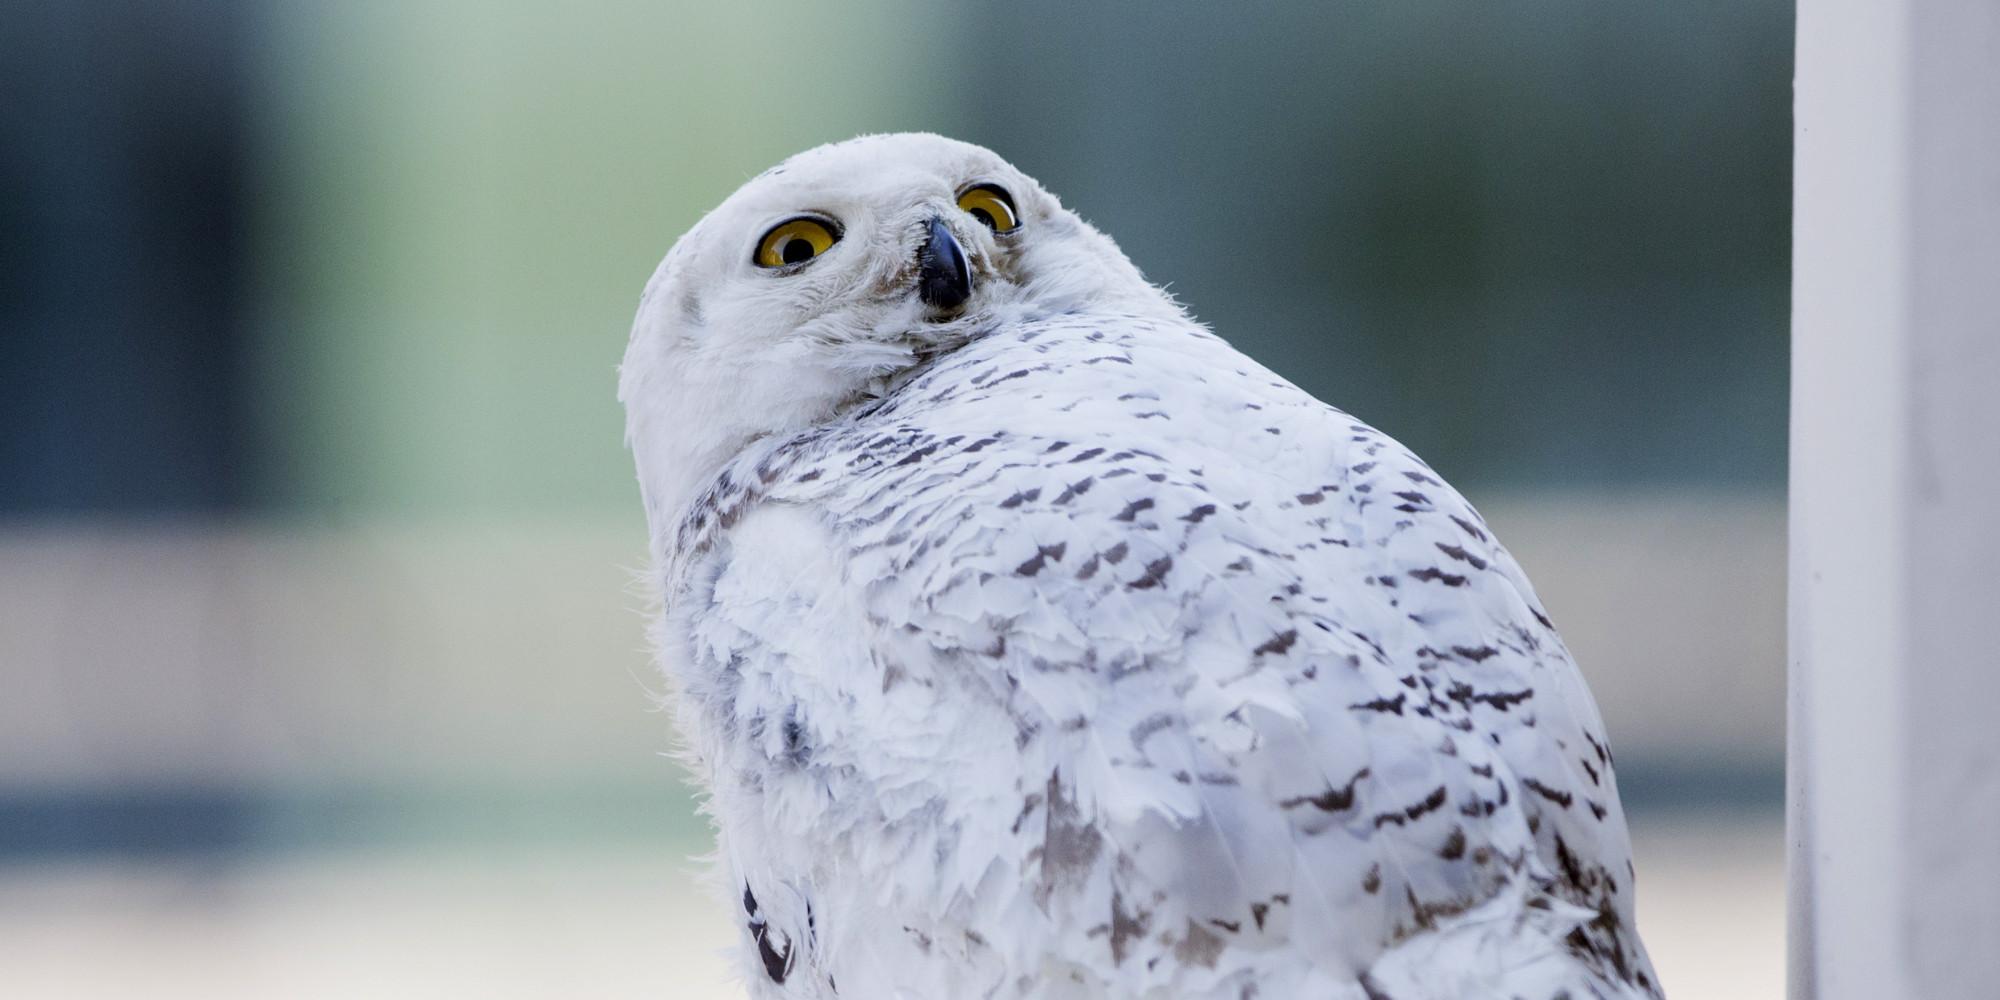 N Owl Next Bus Snowy Owl Is Hit By Bus In